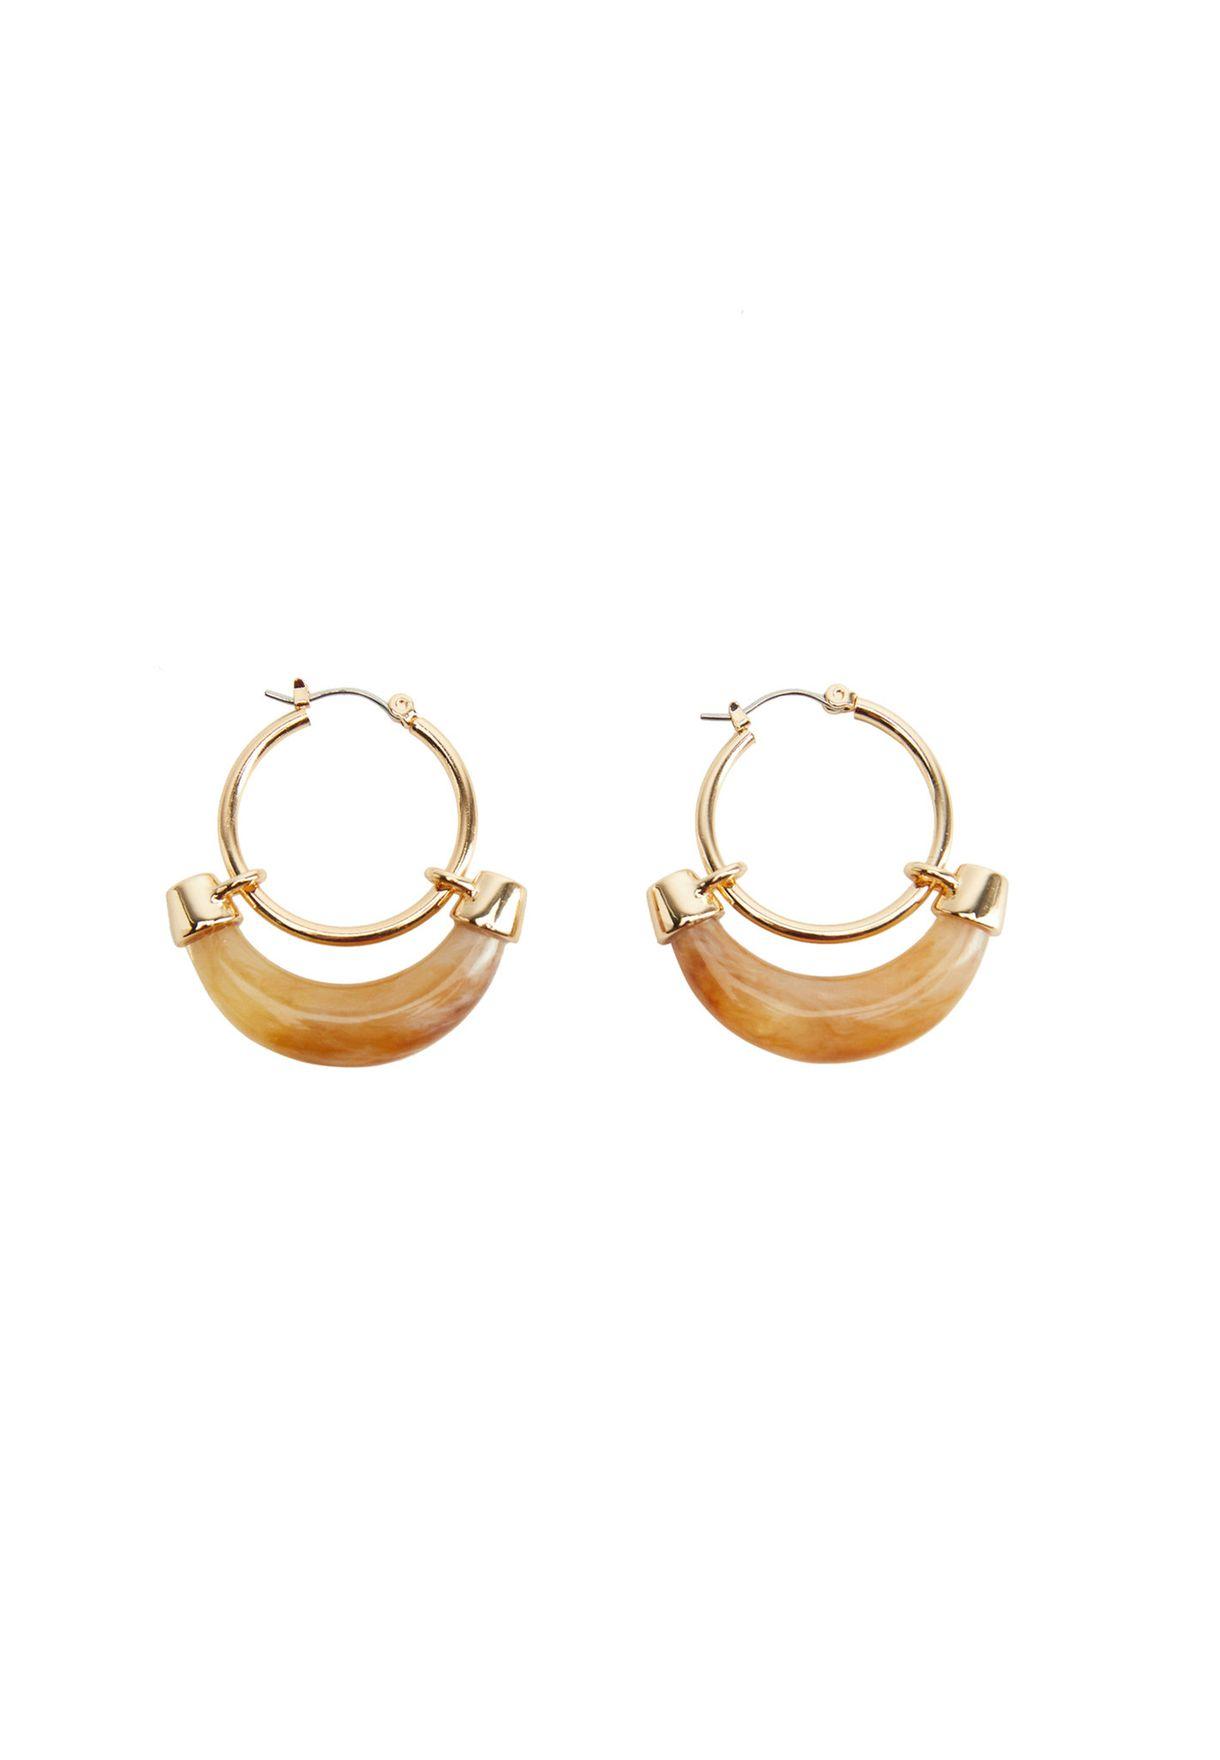 Orleans Hoop Earrings